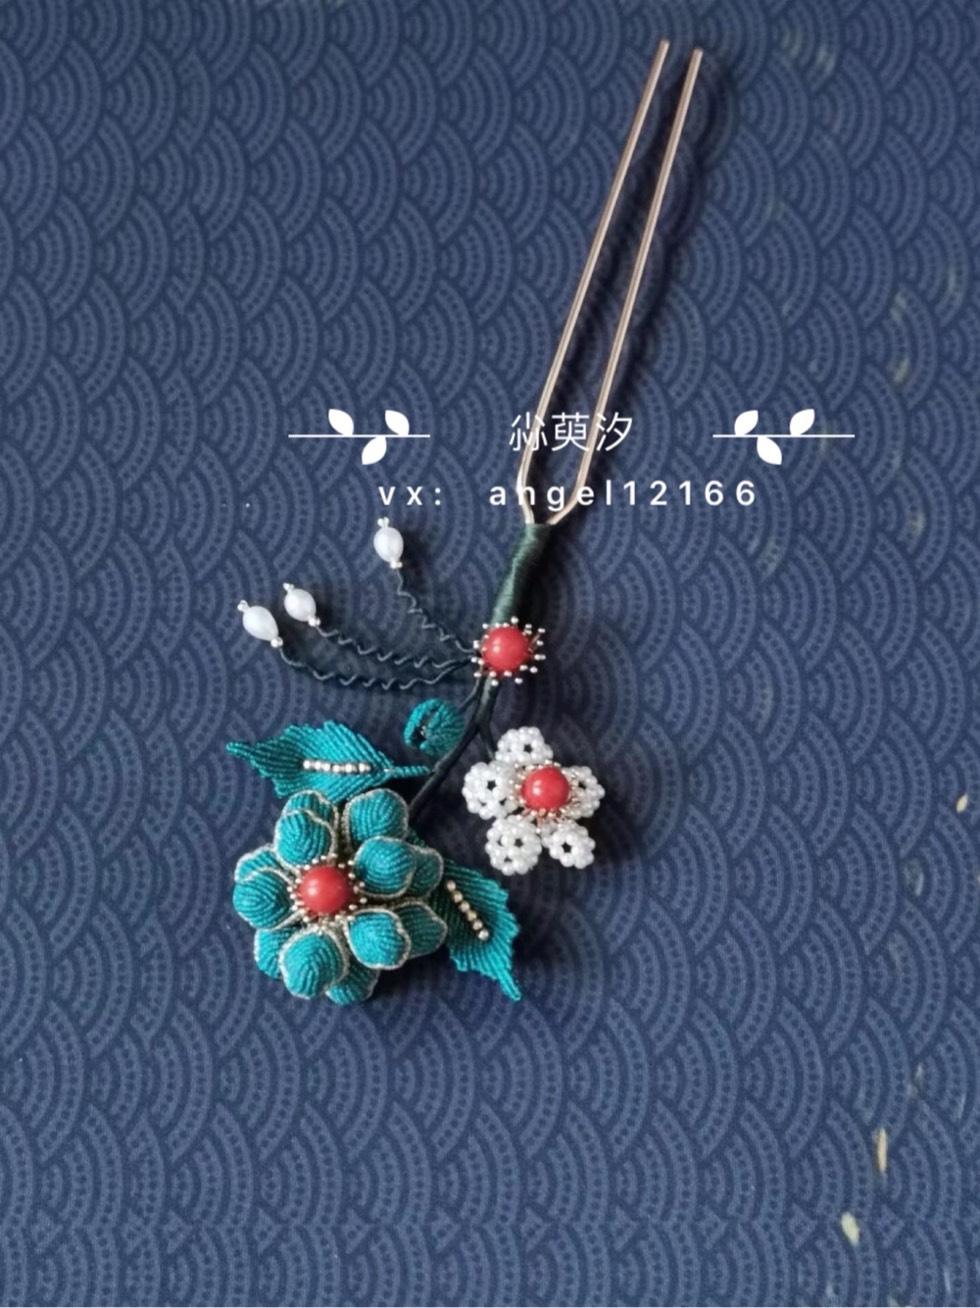 中国结论坛 仿点翠花簪系列 系列,翠花,点翠 作品展示 163816o56vvl6l3ixitcyu